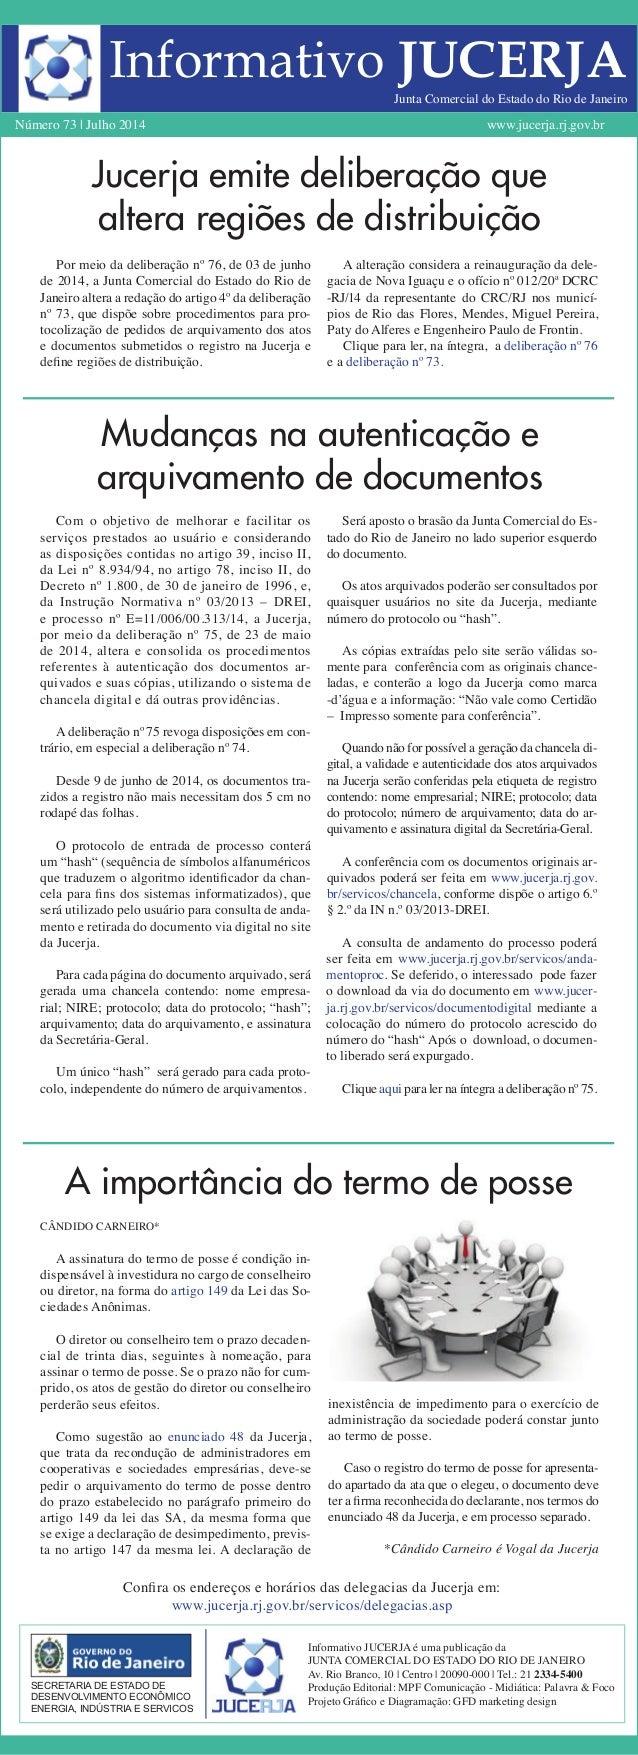 Informativo JUCERJA Número 73 | Julho 2014 www.jucerja.rj.gov.br Por meio da deliberação nº 76, de 03 de junho de 2014, a ...